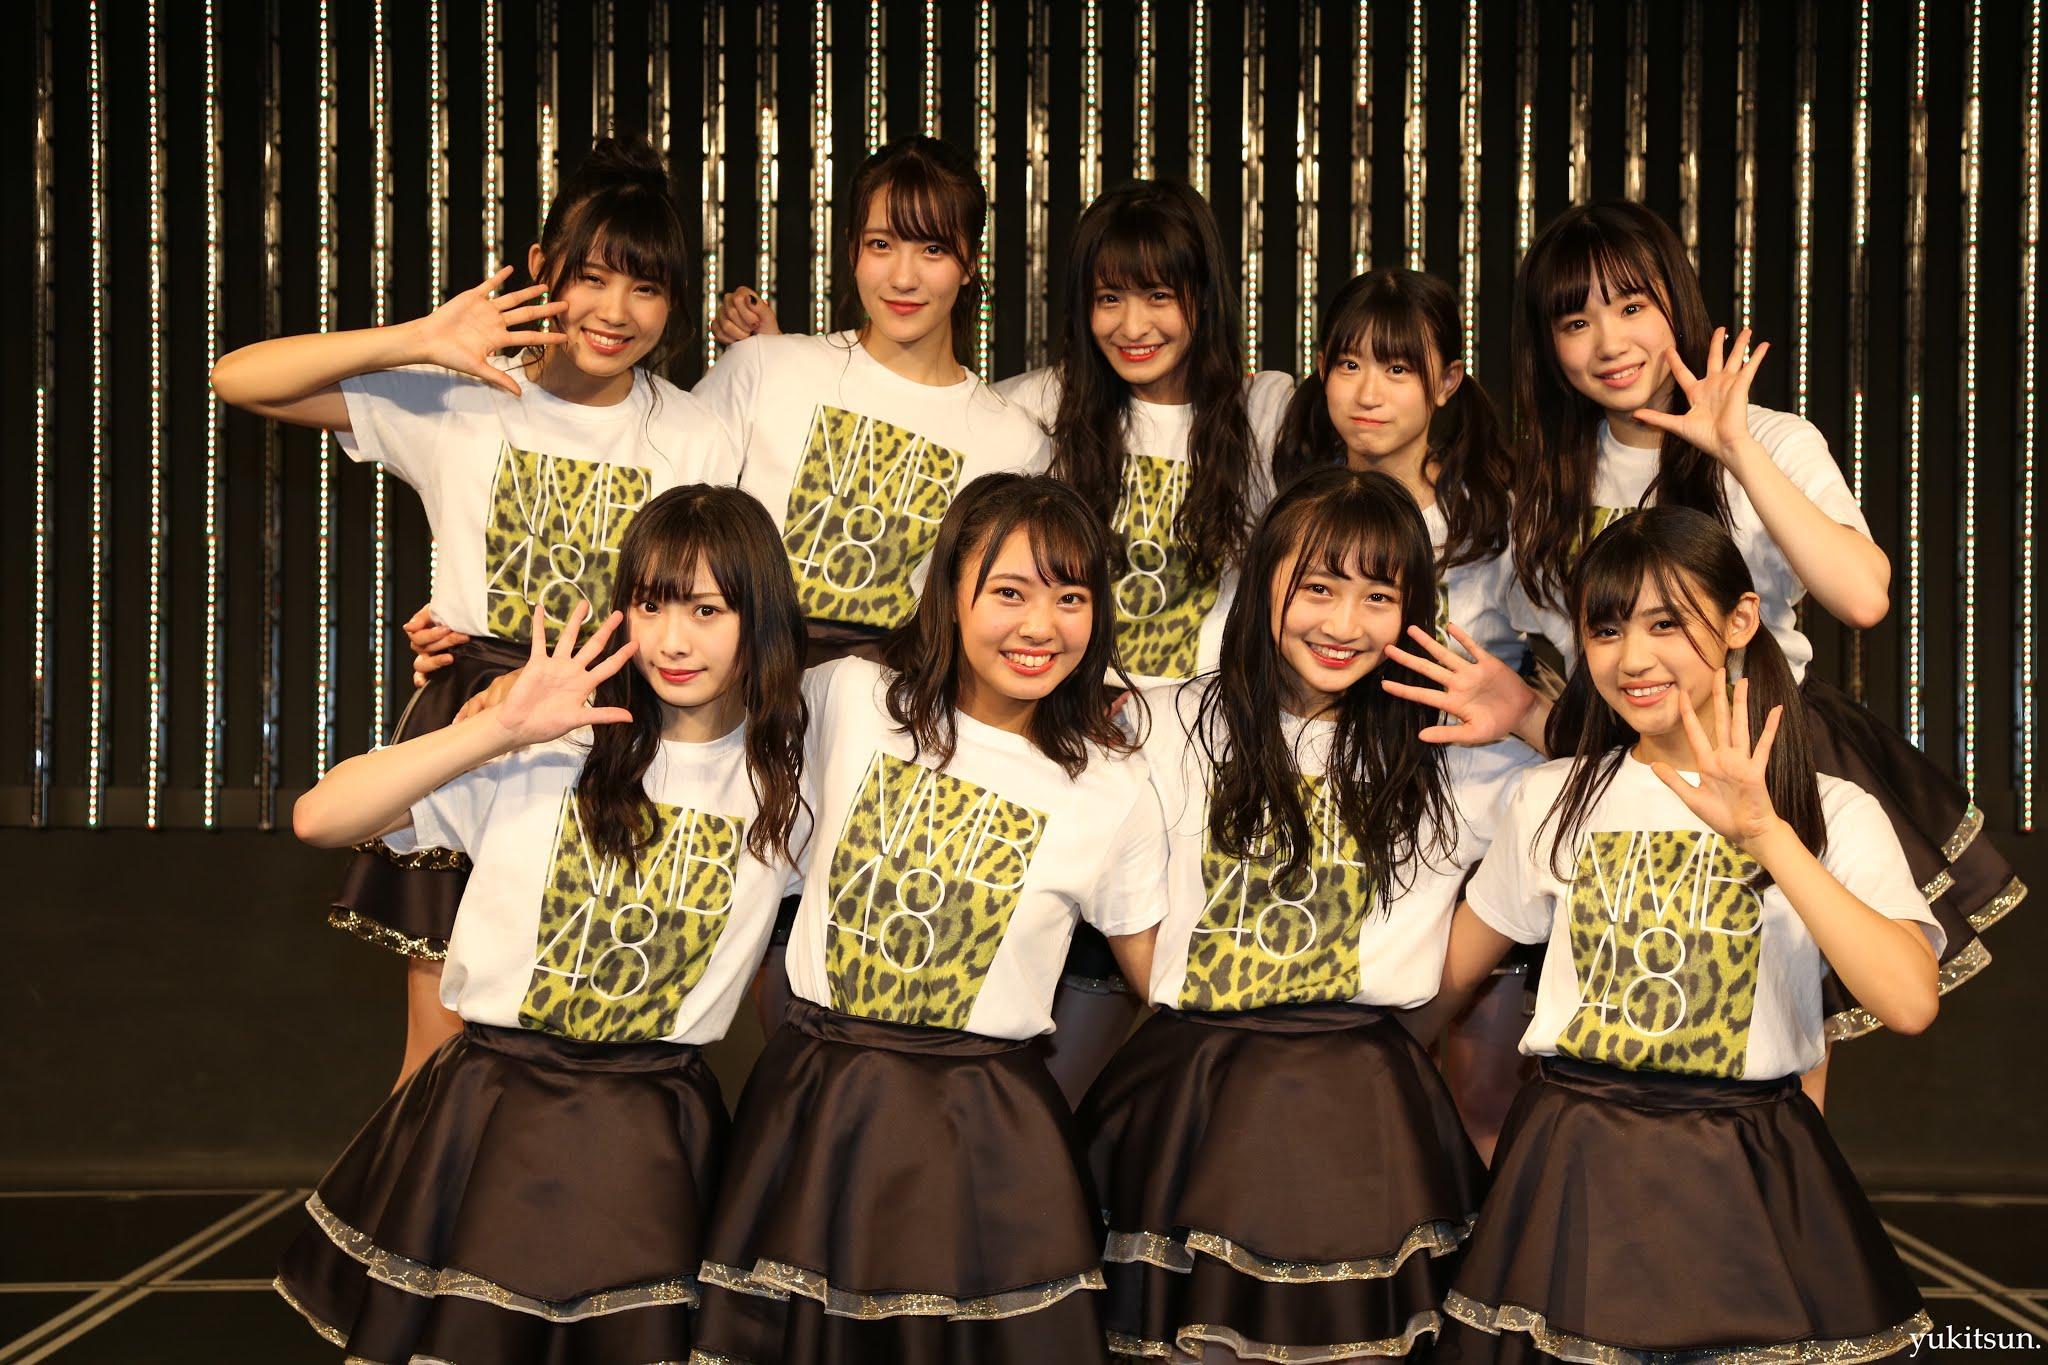 shinjidai-5